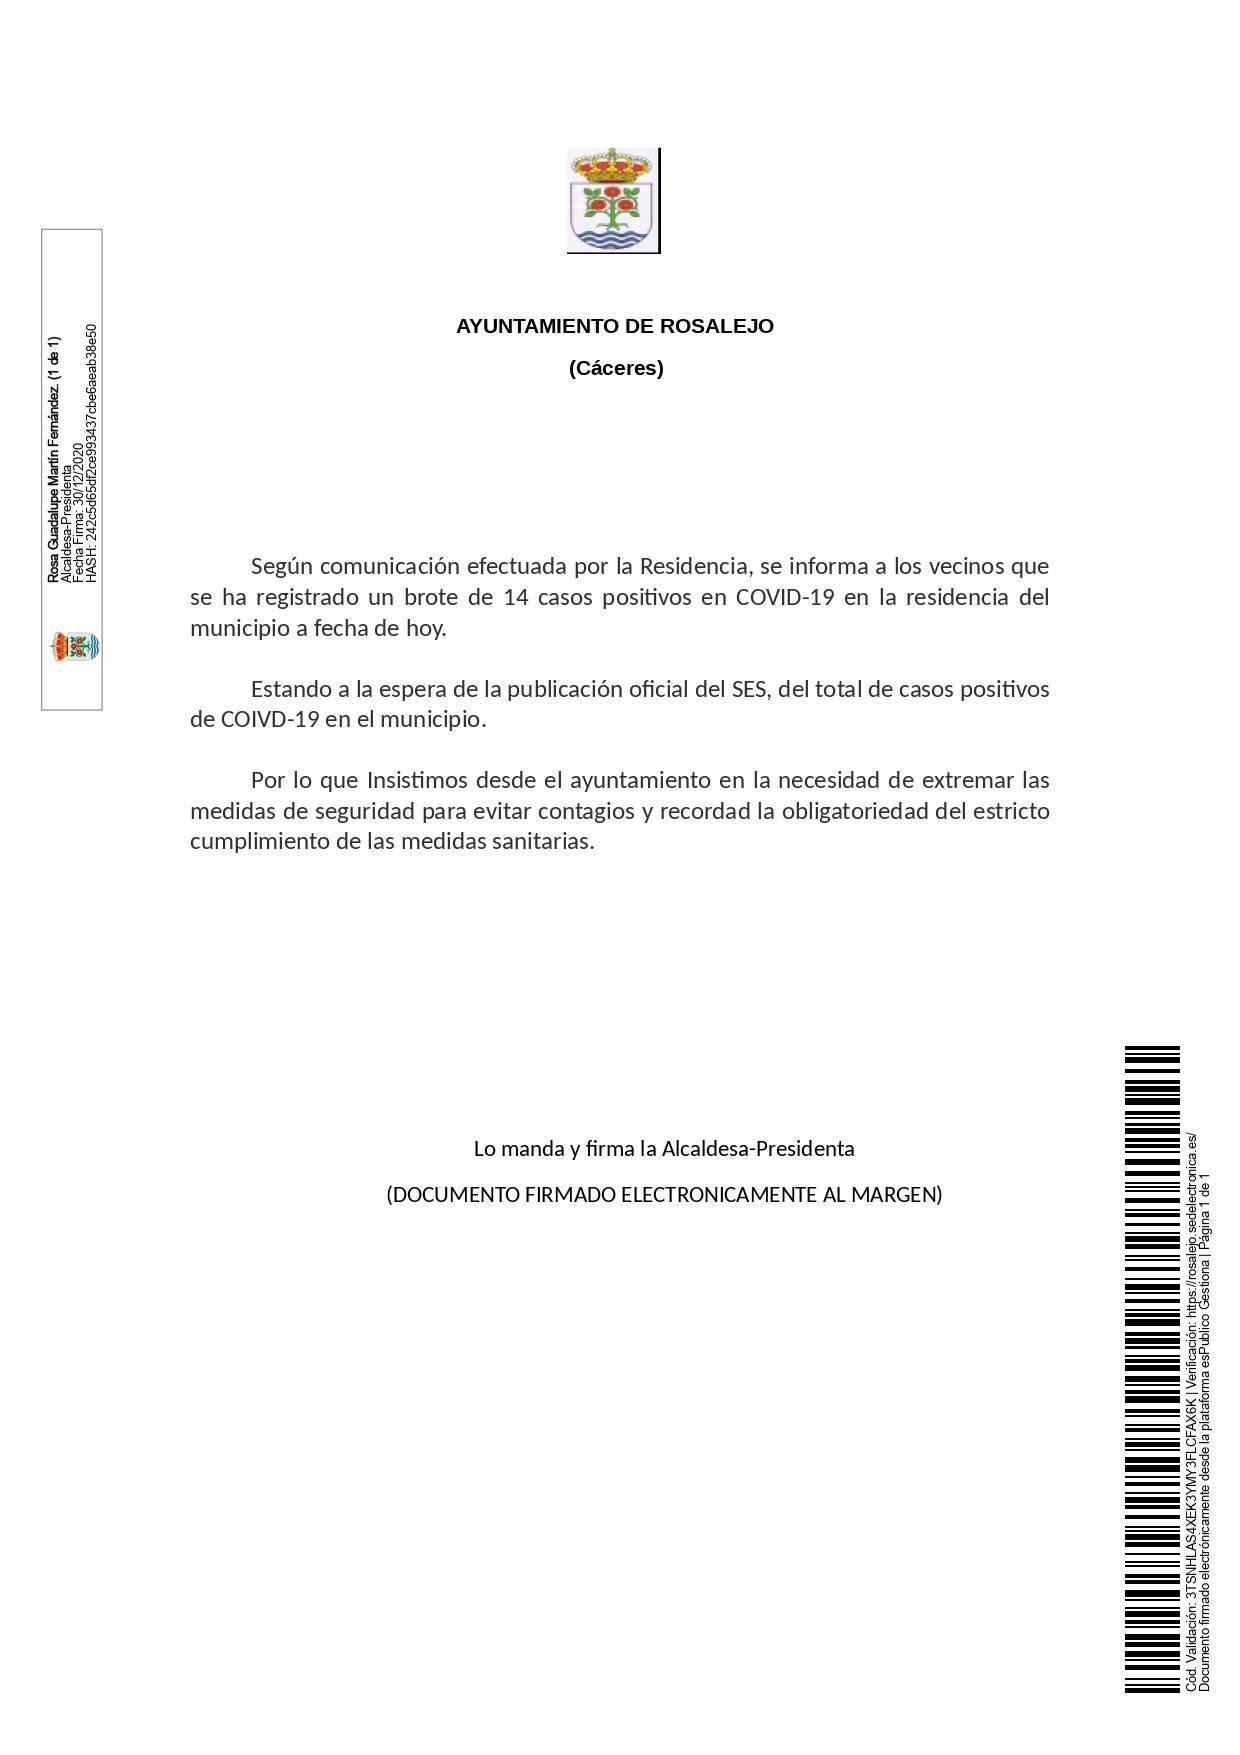 14 nuevos positivos y brote de COVID-19 (diciembre 2020) - Rosalejo (Cáceres)